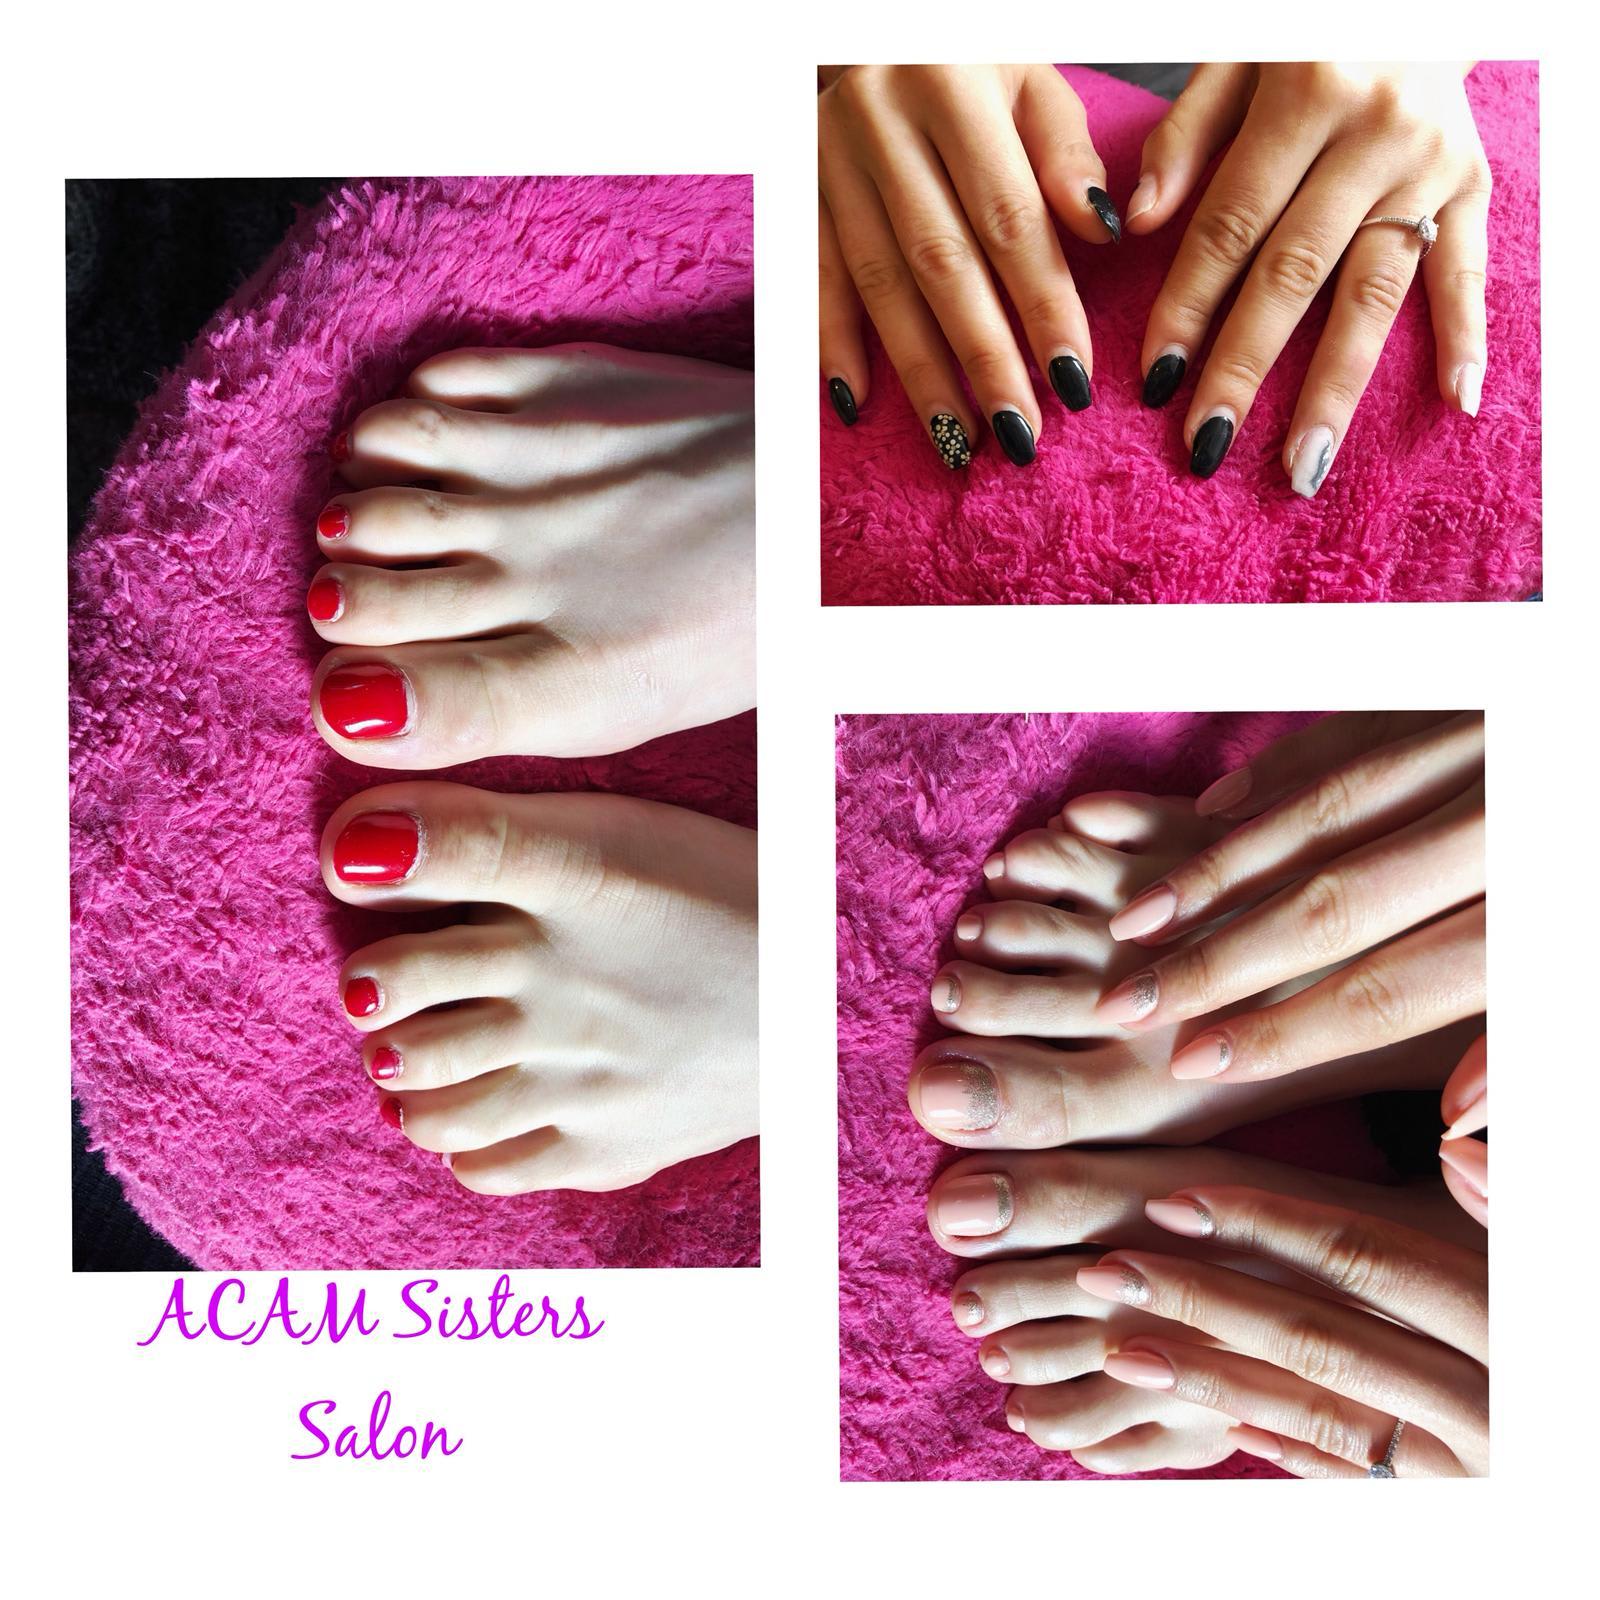 ACAM Sisters Salon